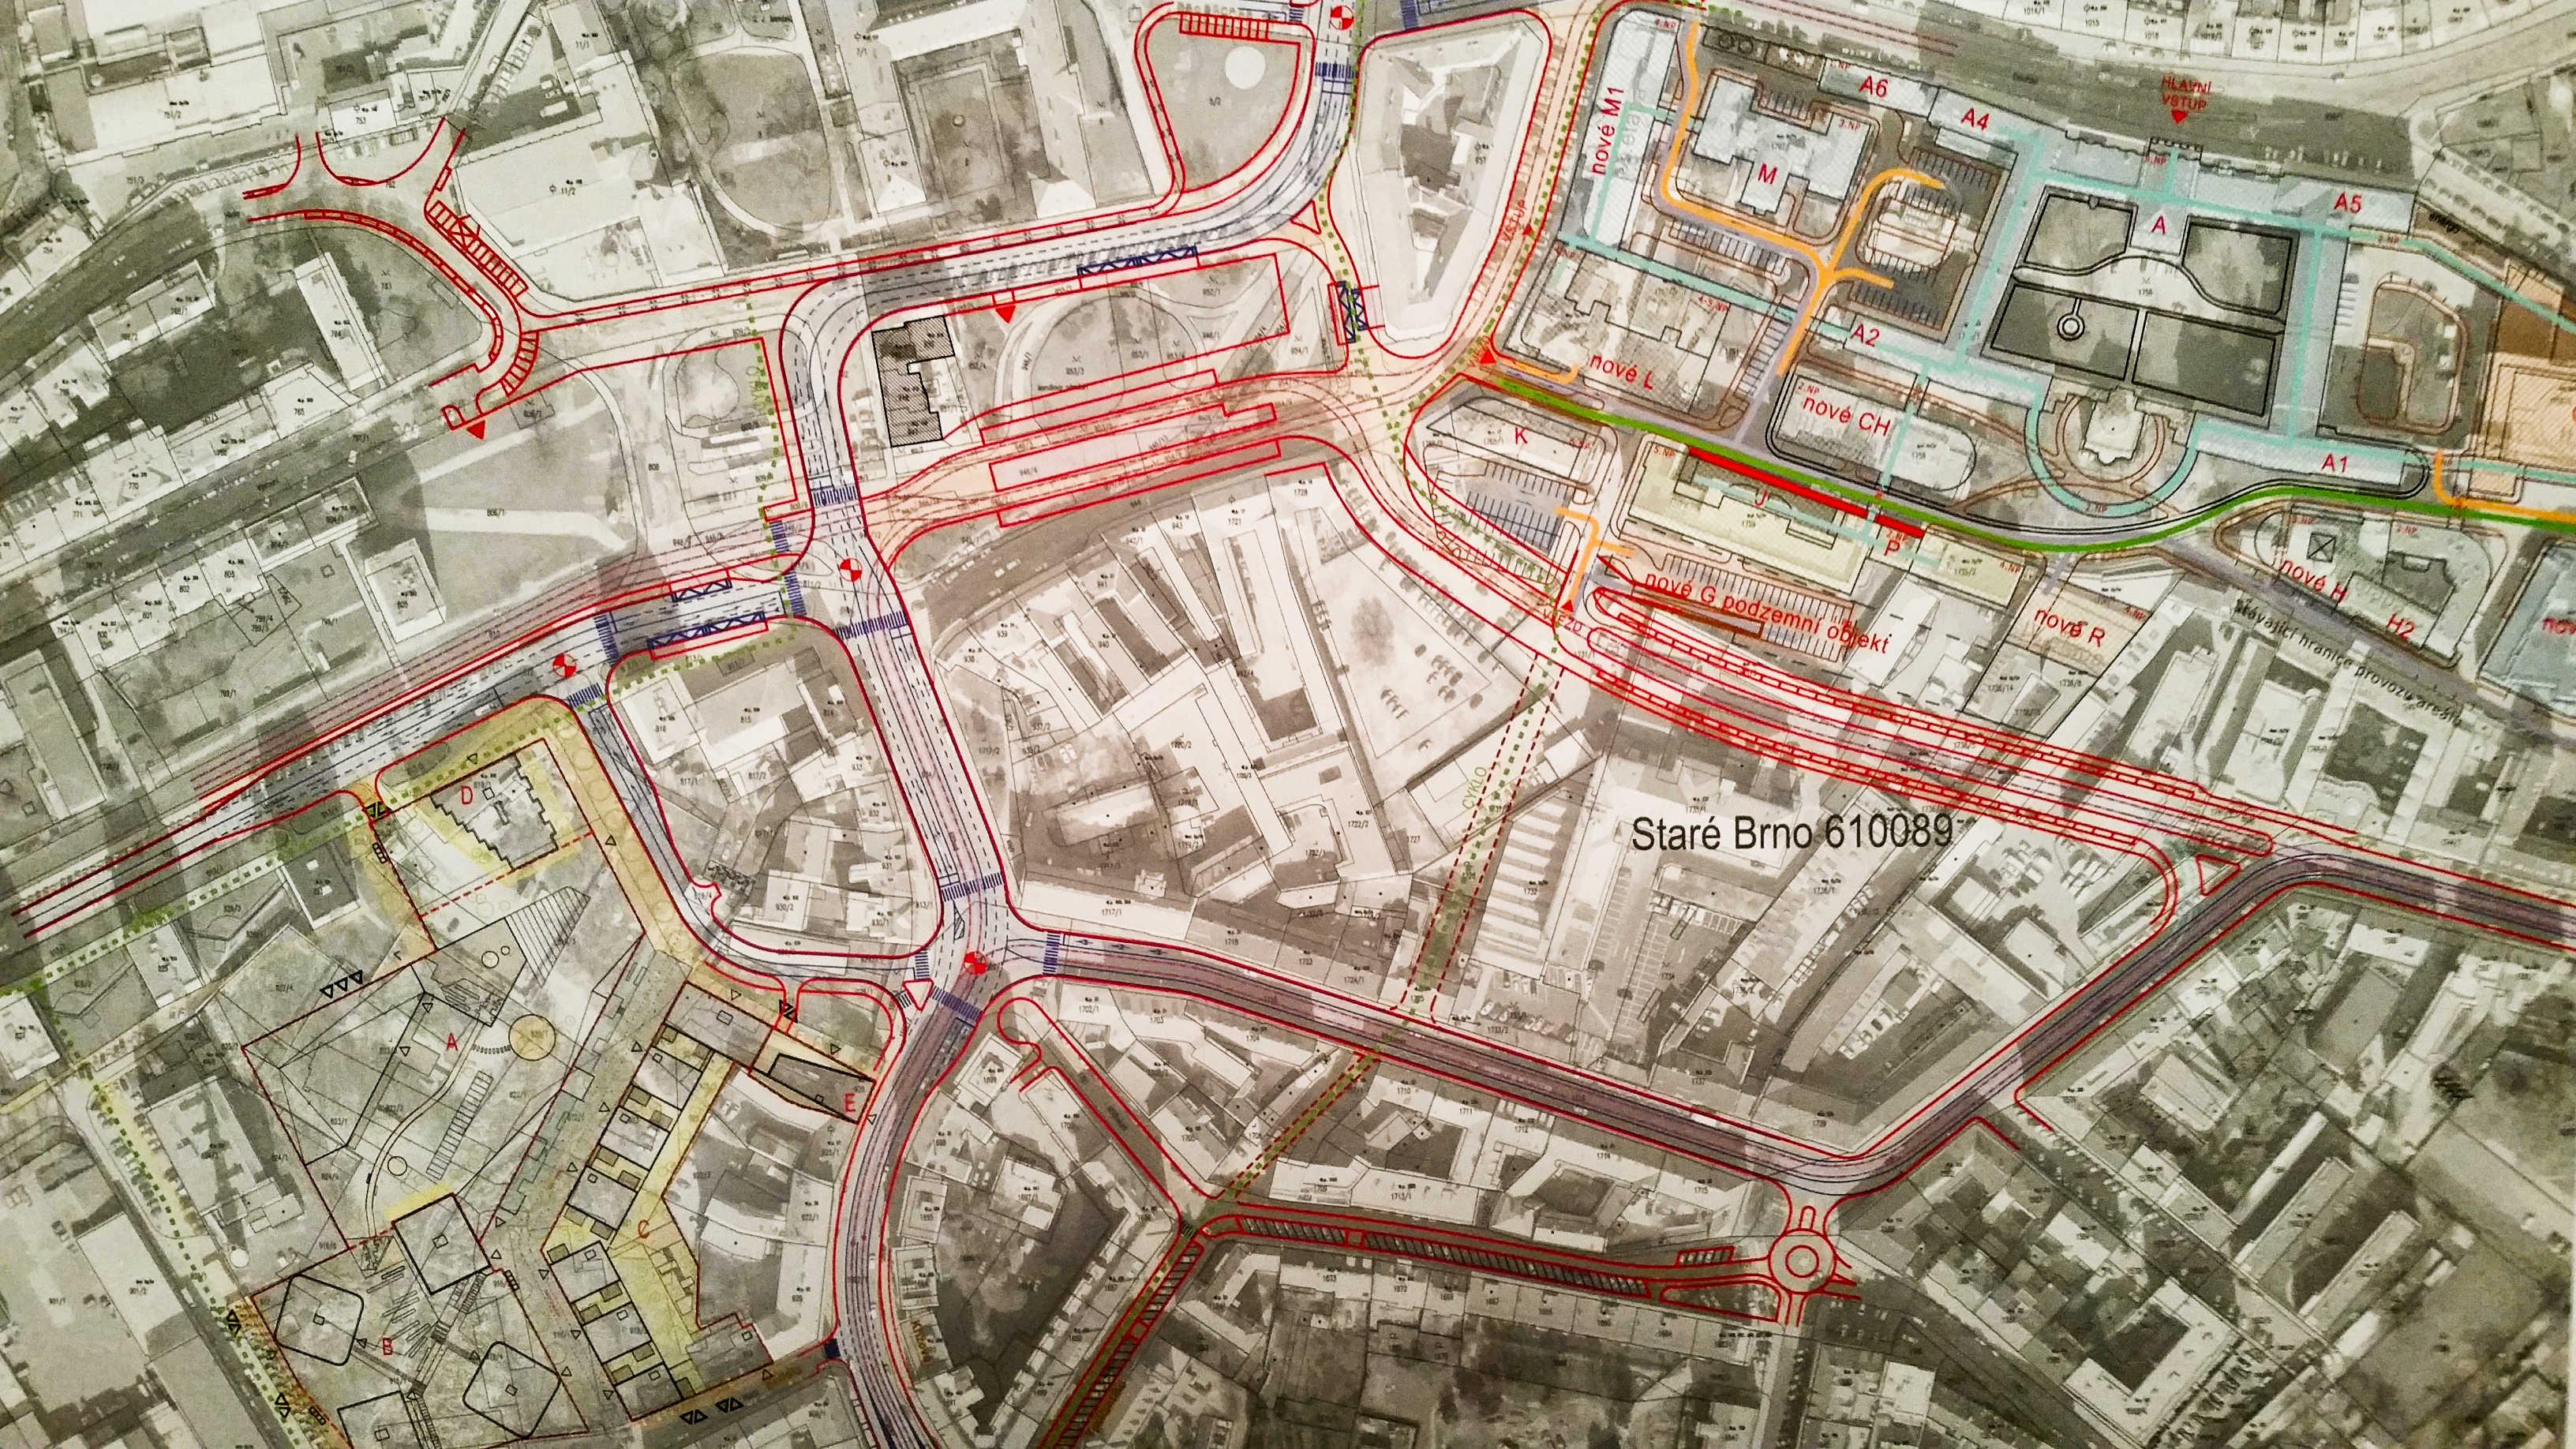 Celkový pohled na plánované dopravní řešení Mendlova náměstí